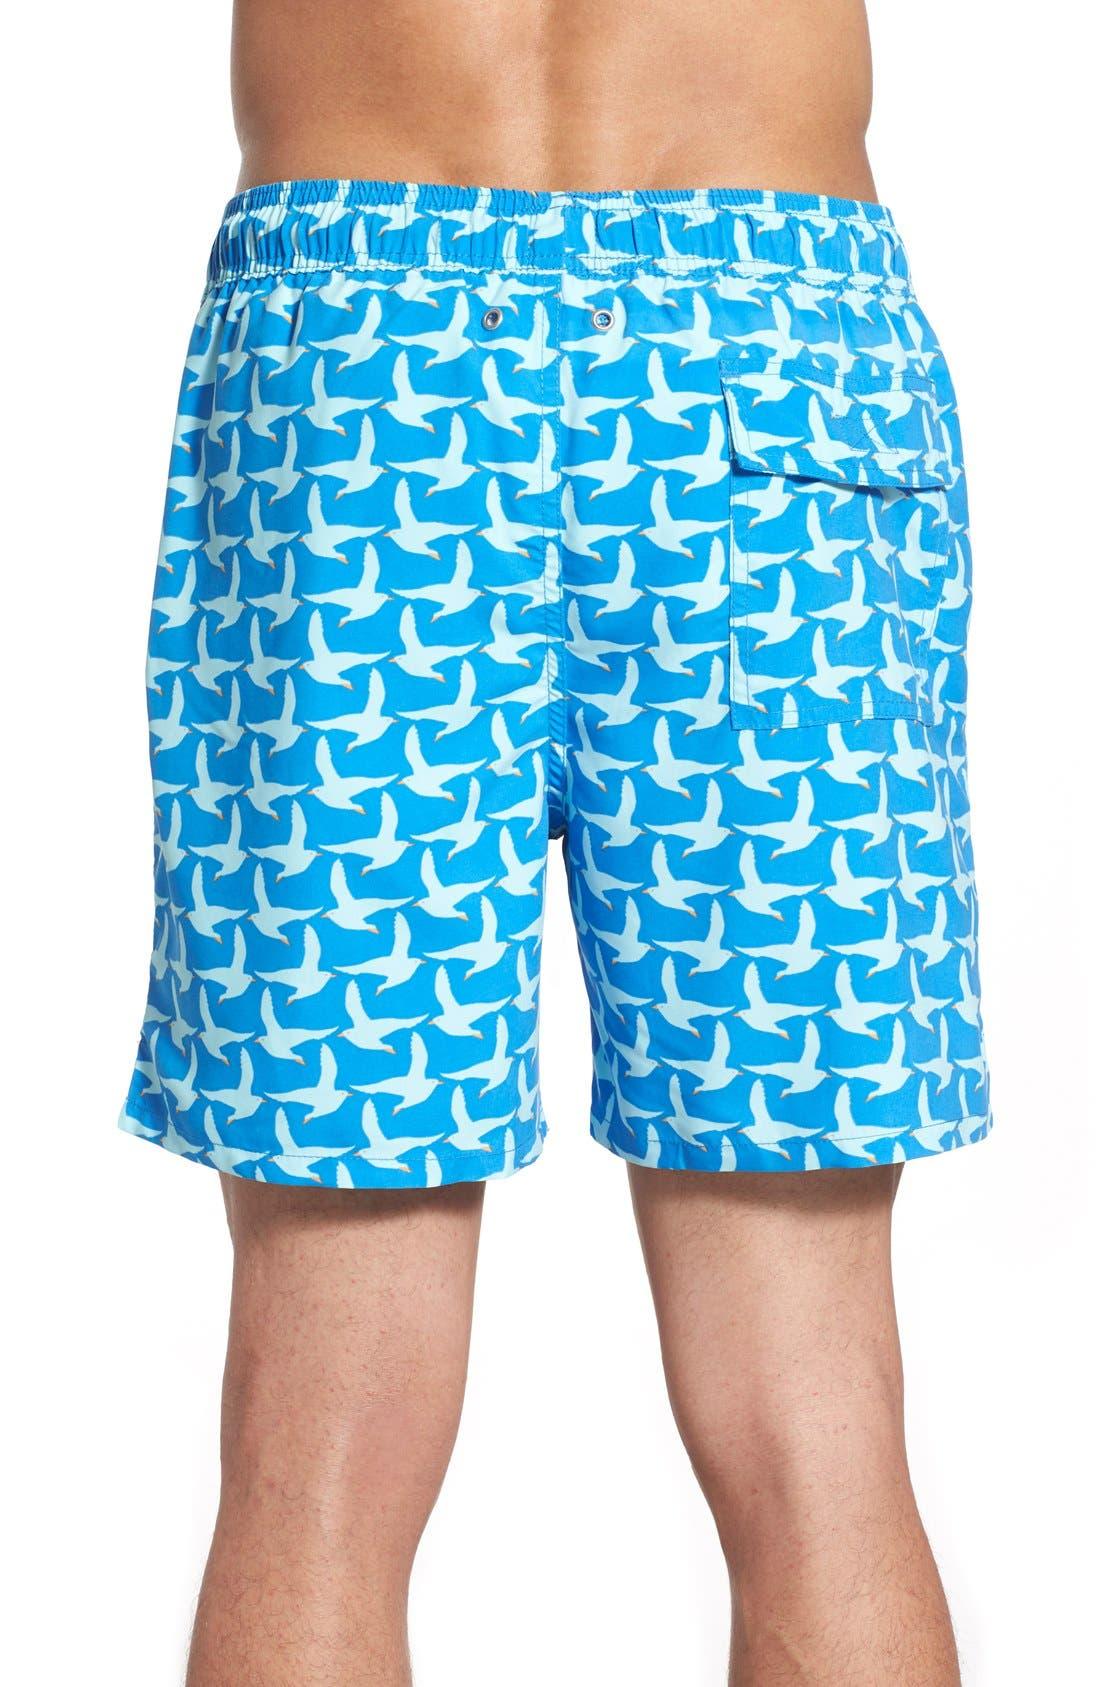 TOM & TEDDY,                             Seagull Print Swim Trunks,                             Alternate thumbnail 2, color,                             COBALT BLUE